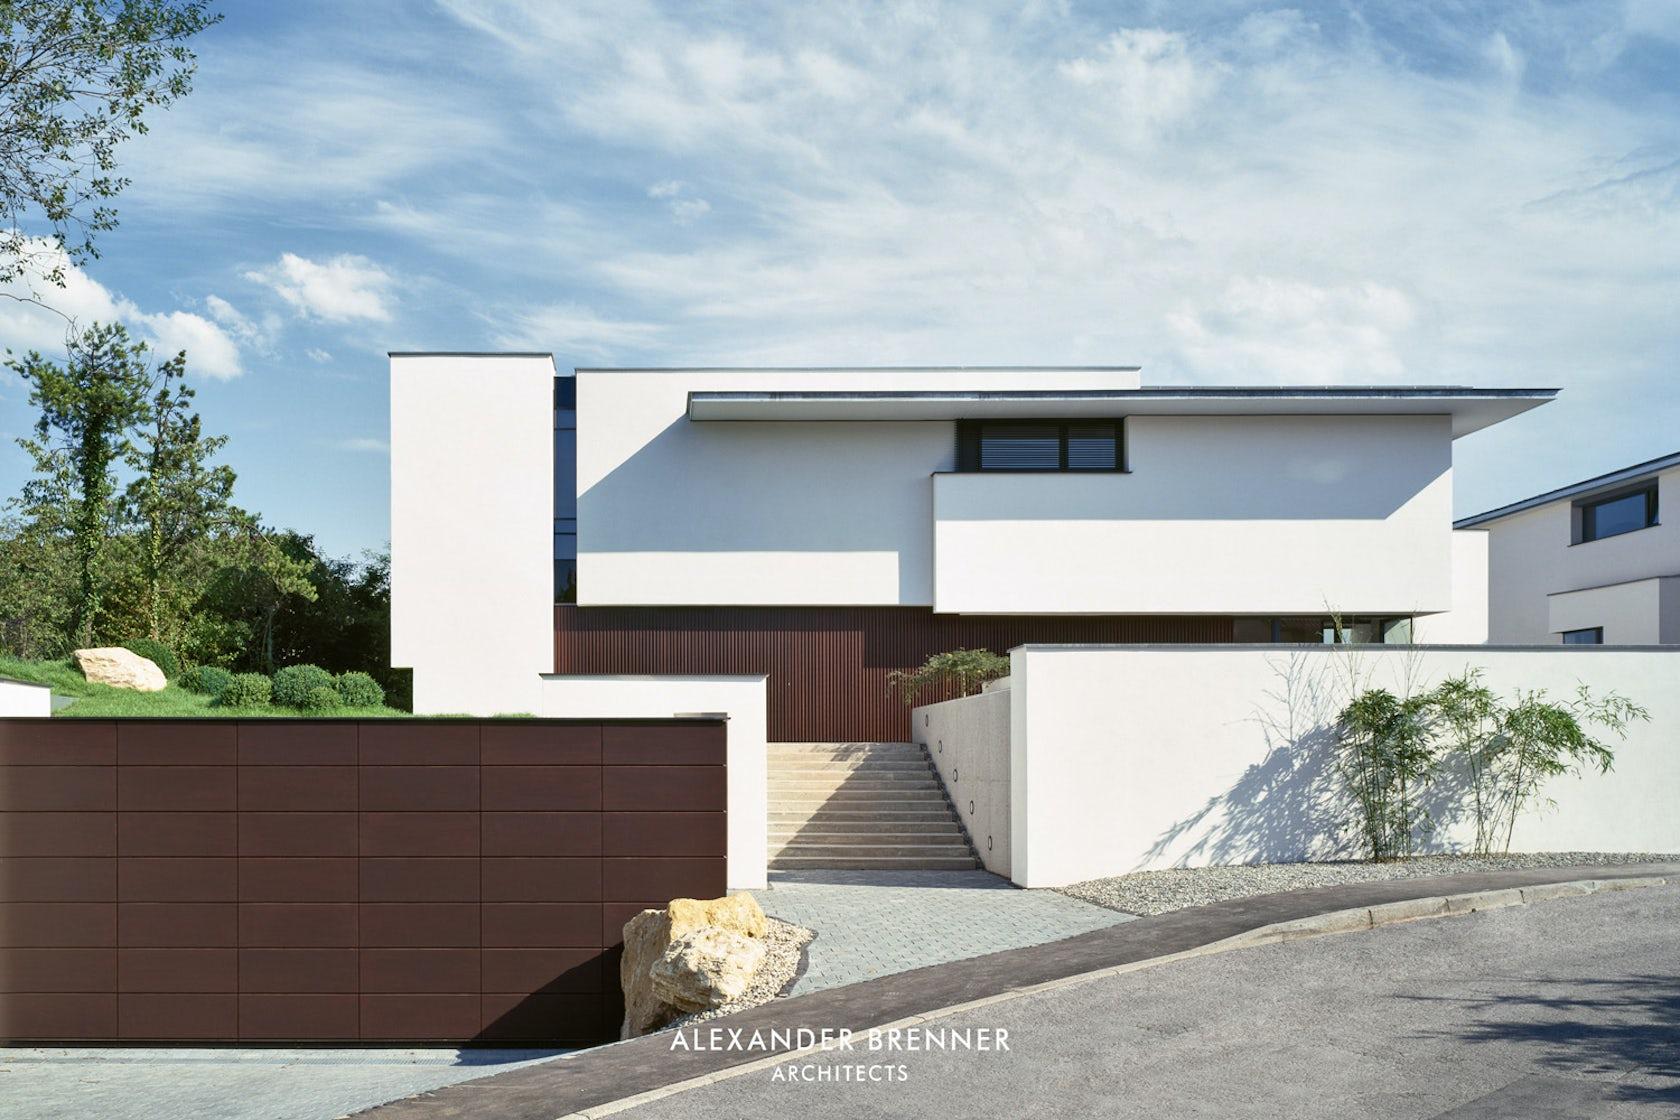 alexander brenner architects architizer. Black Bedroom Furniture Sets. Home Design Ideas